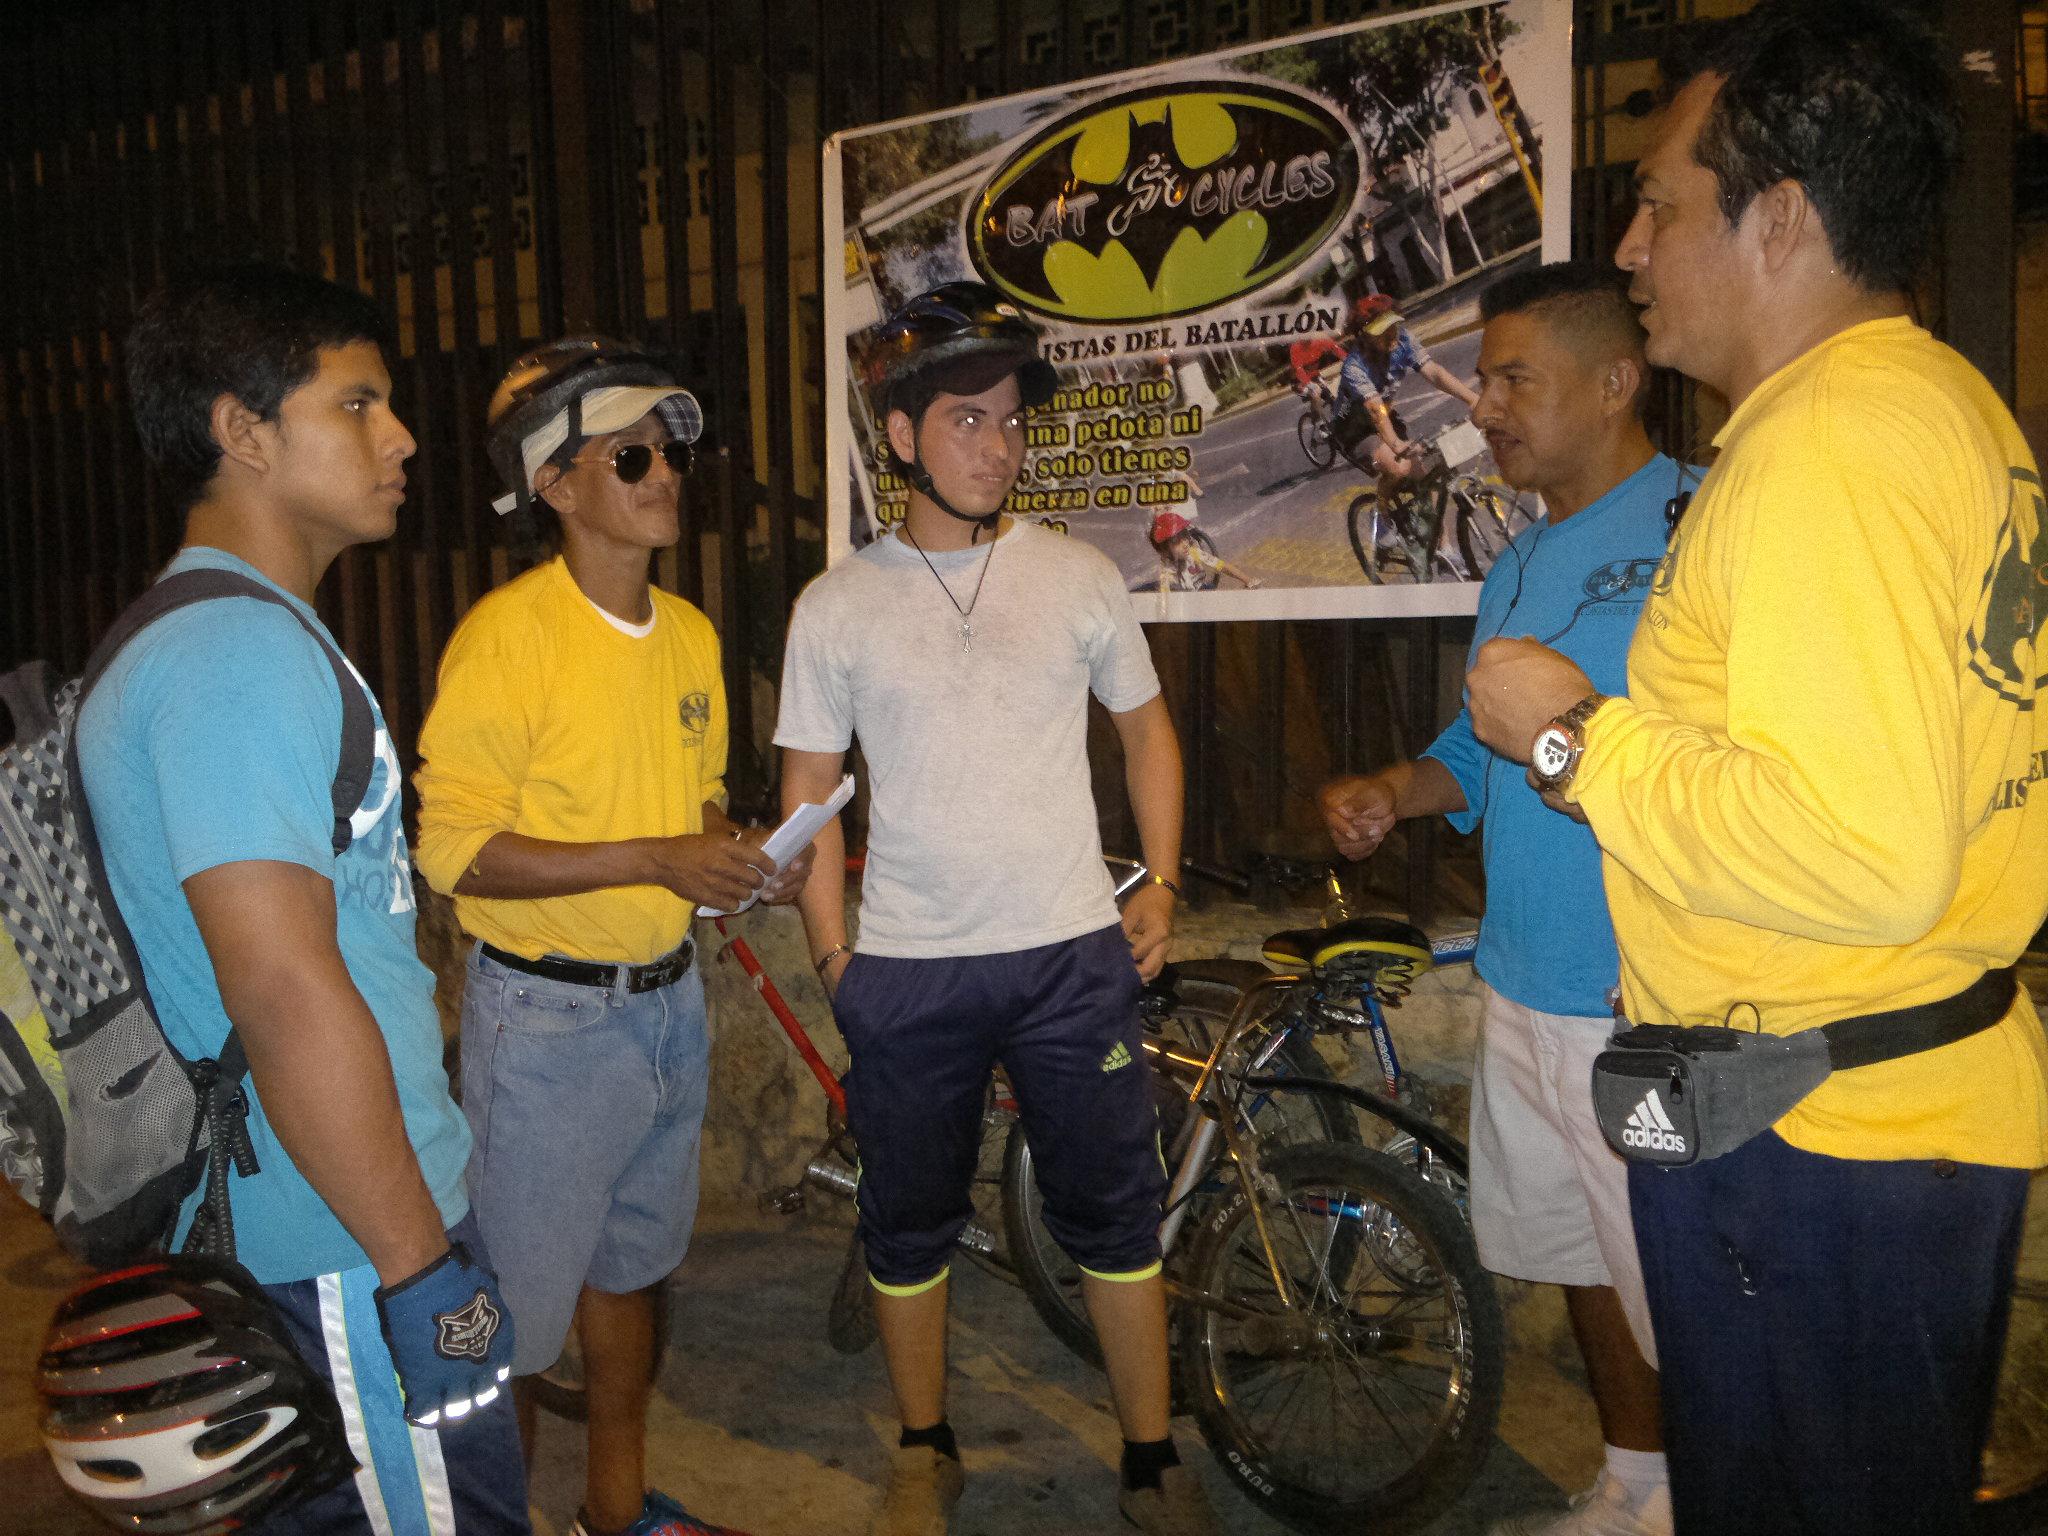 Bat-Cycles promueve ciclismo en Guayaquil